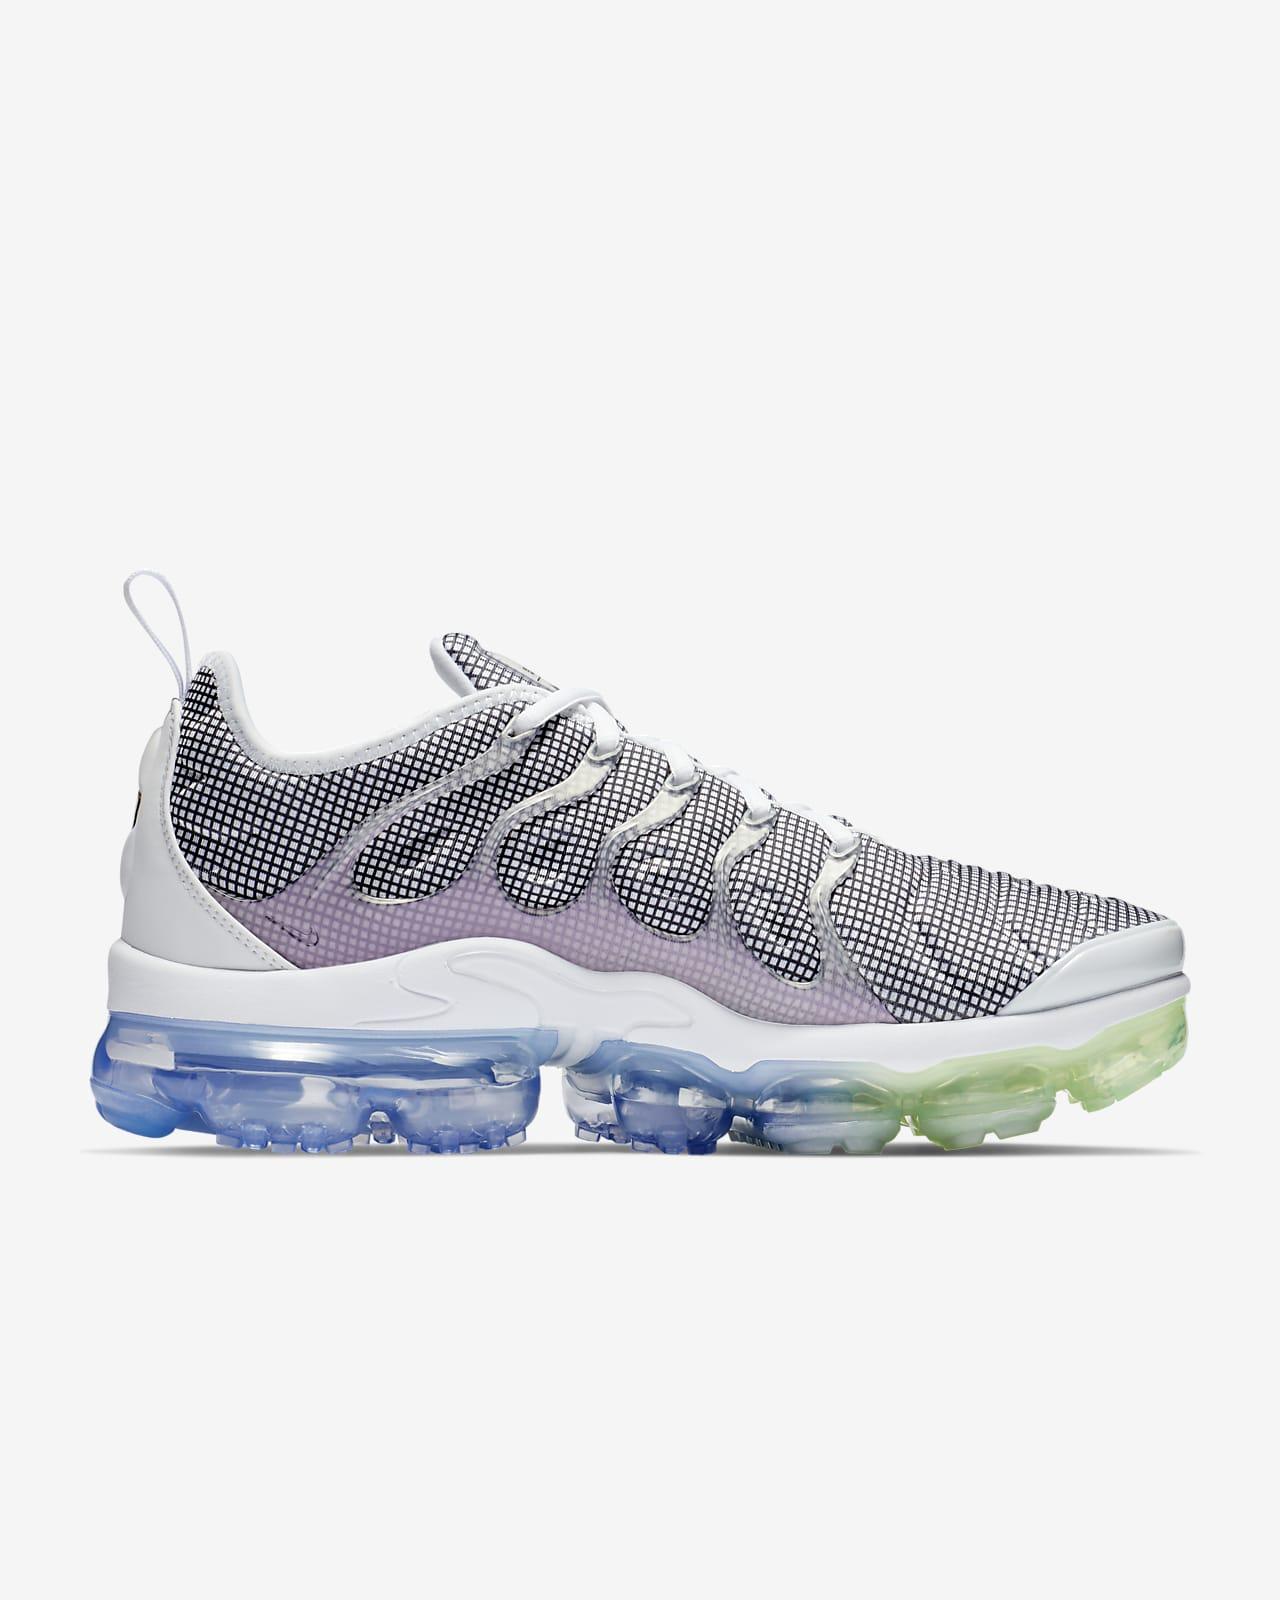 รองเท้าผู้ชาย Nike Air VaporMax Plus Nike TH